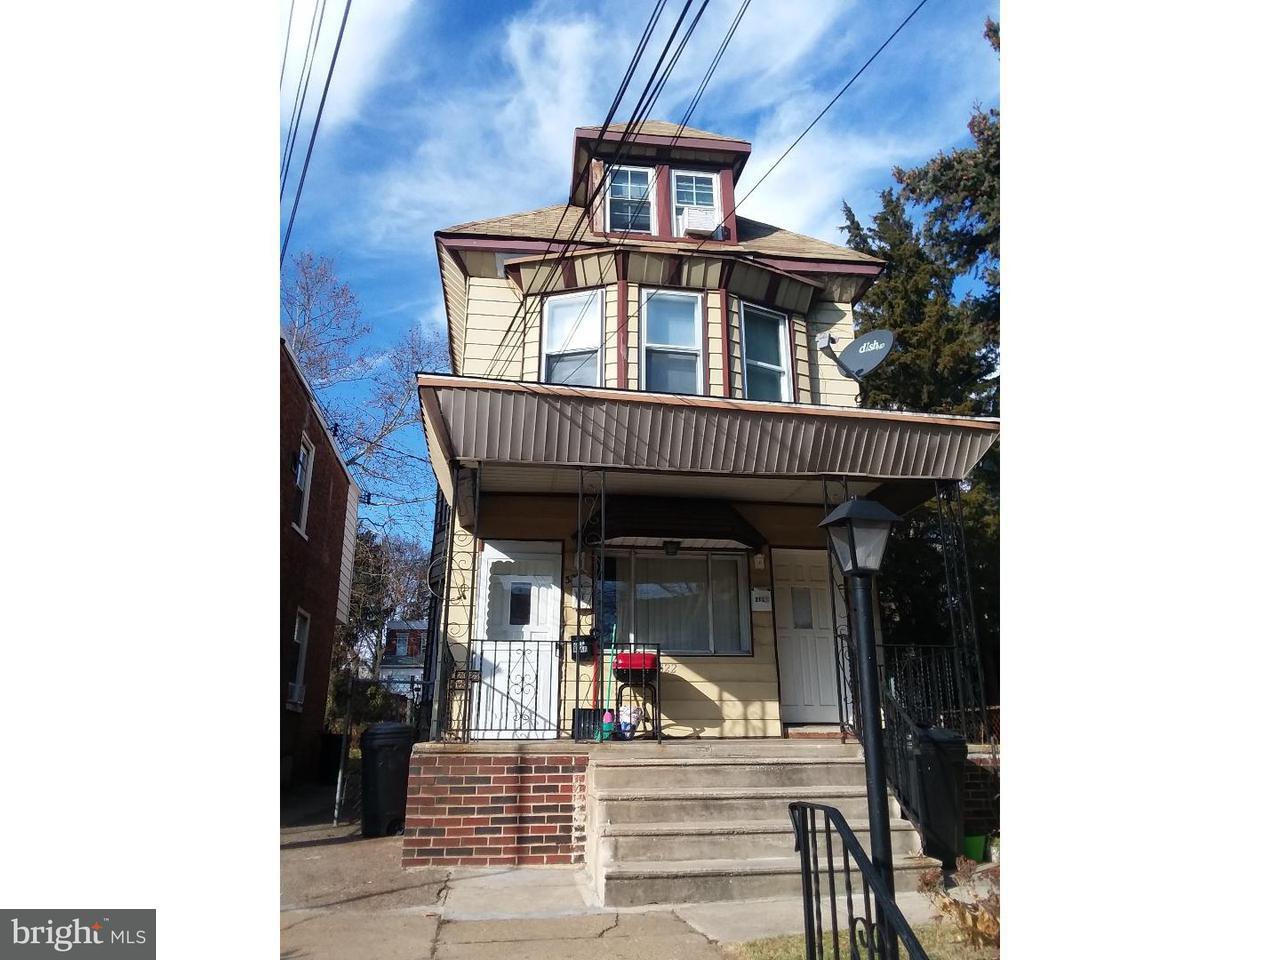 триплекс для того Продажа на 322 S 5TH Street Darby, Пенсильвания 19023 Соединенные Штаты